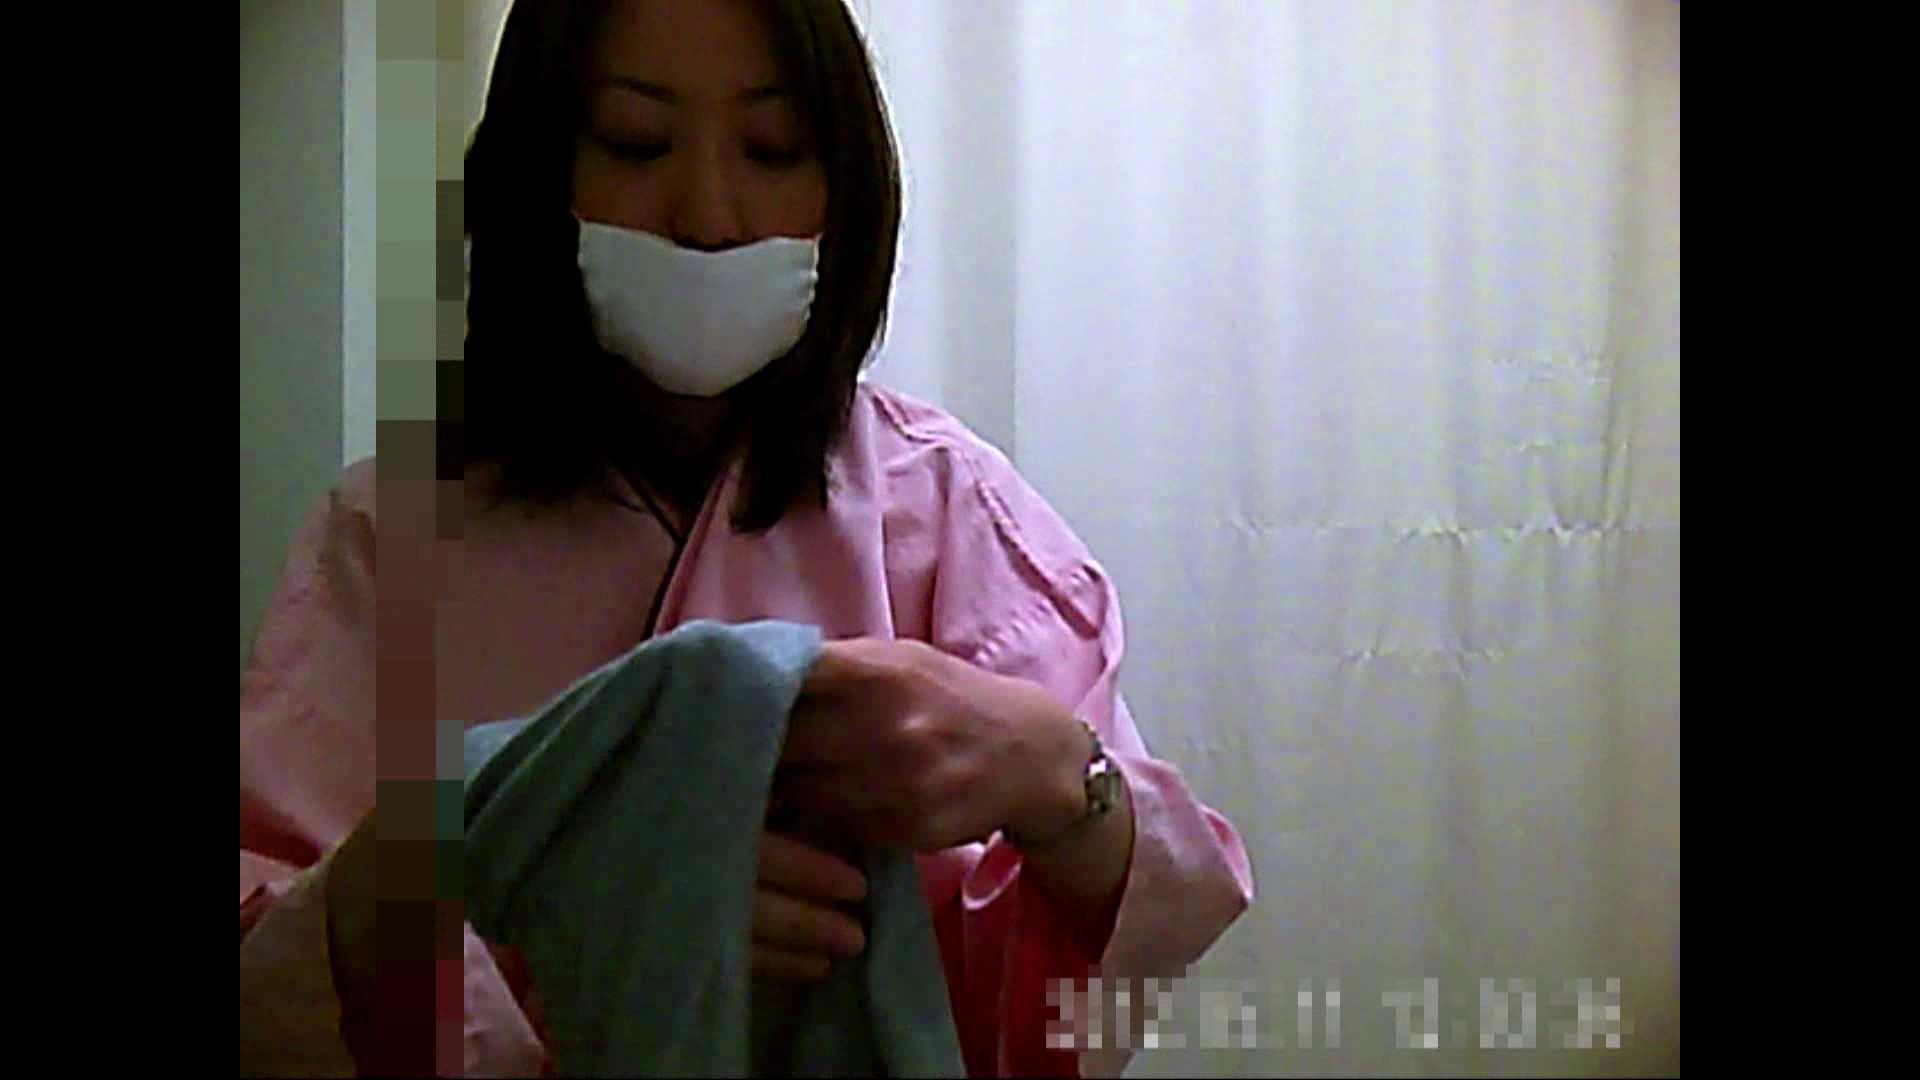 元医者による反抗 更衣室地獄絵巻 vol.267 OLハメ撮り  81Pix 6